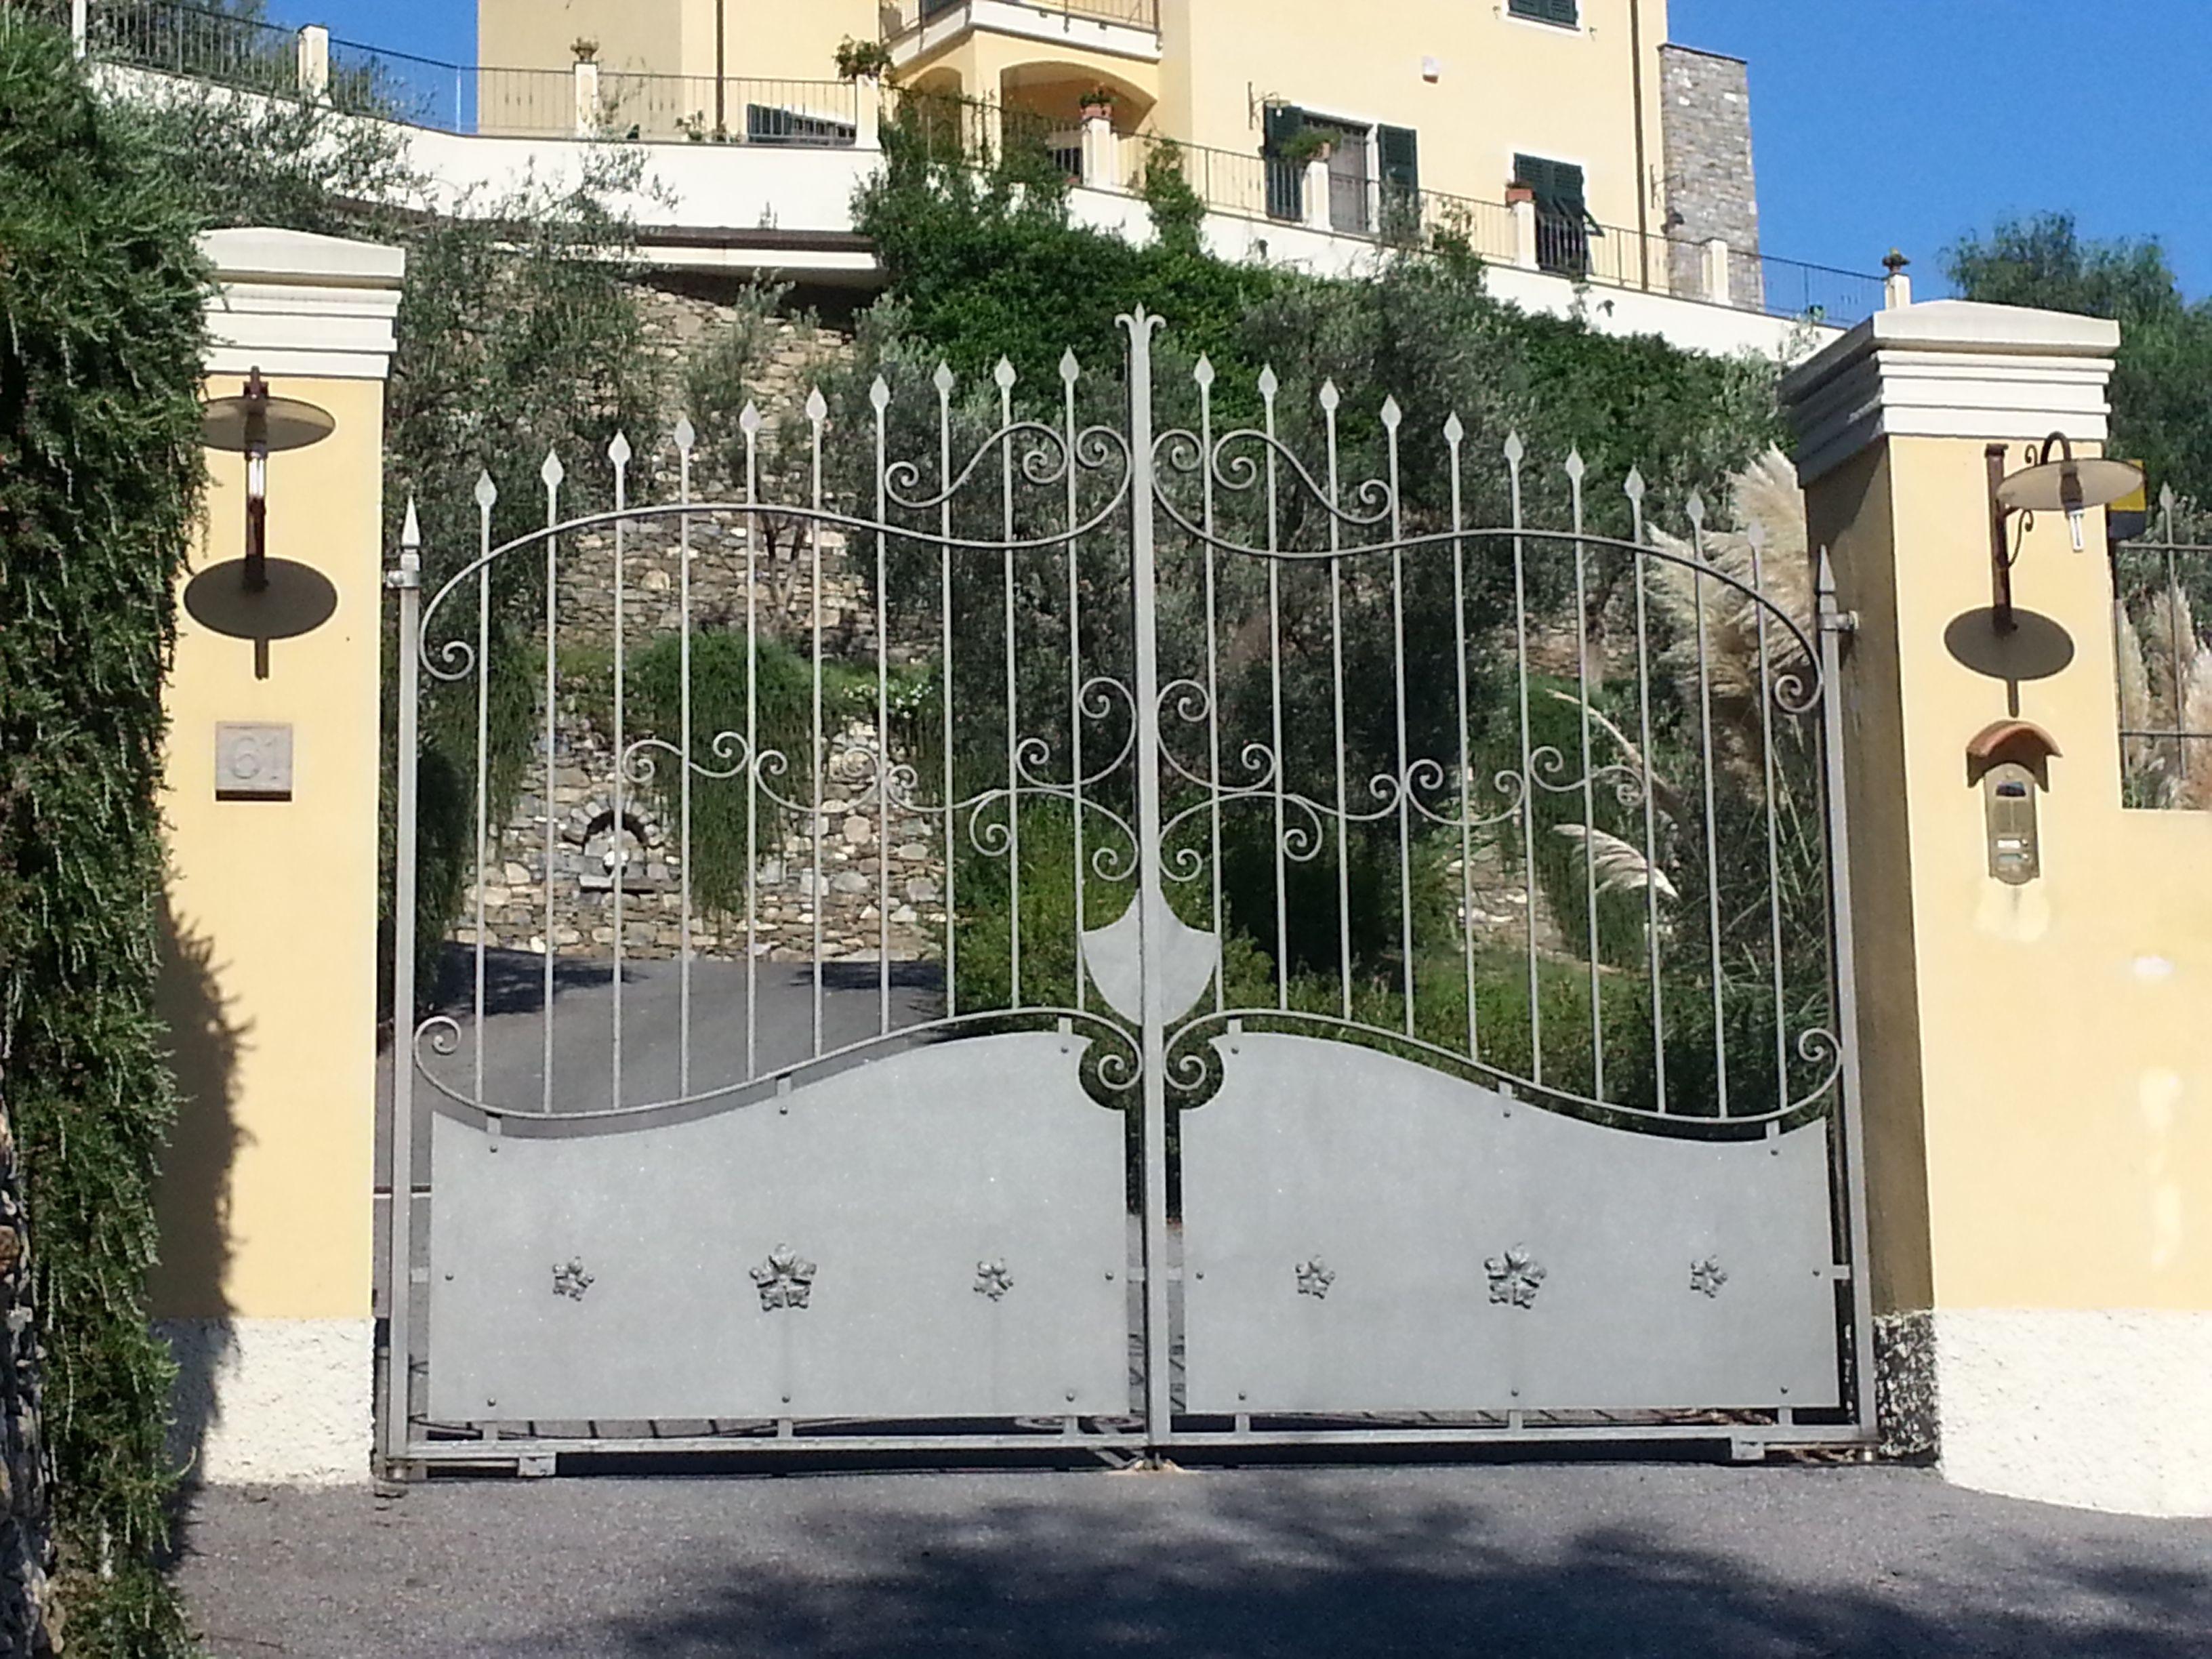 Cancello Ferro Due Ante.Cancello A Due Ante Ferro Battuto Con Lamiera Wrought Iron Gate With